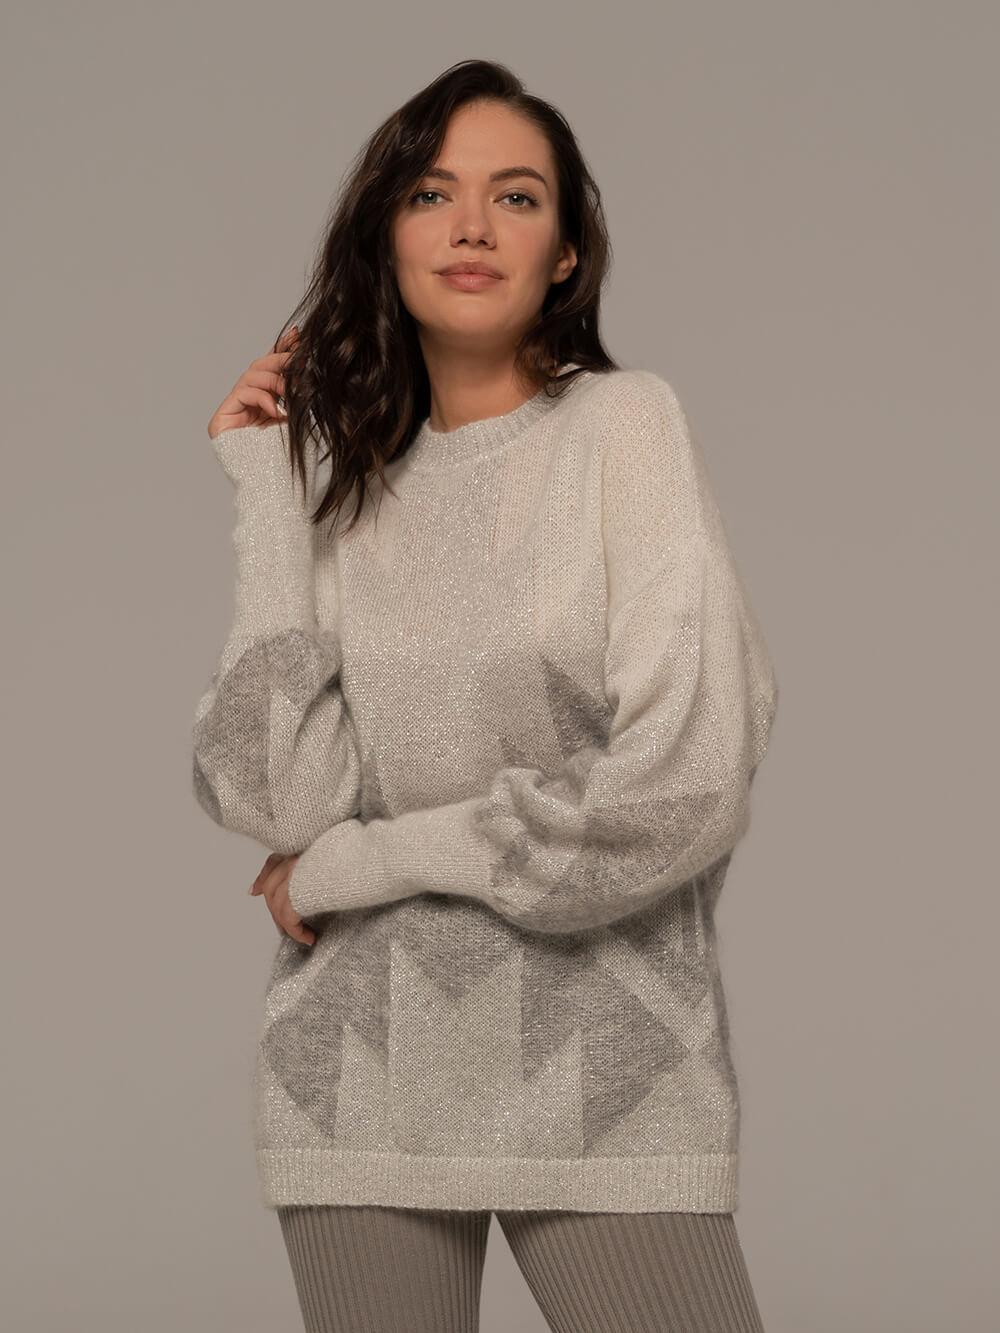 Женский джемпер светло-серого цвета с принтом - фото 1